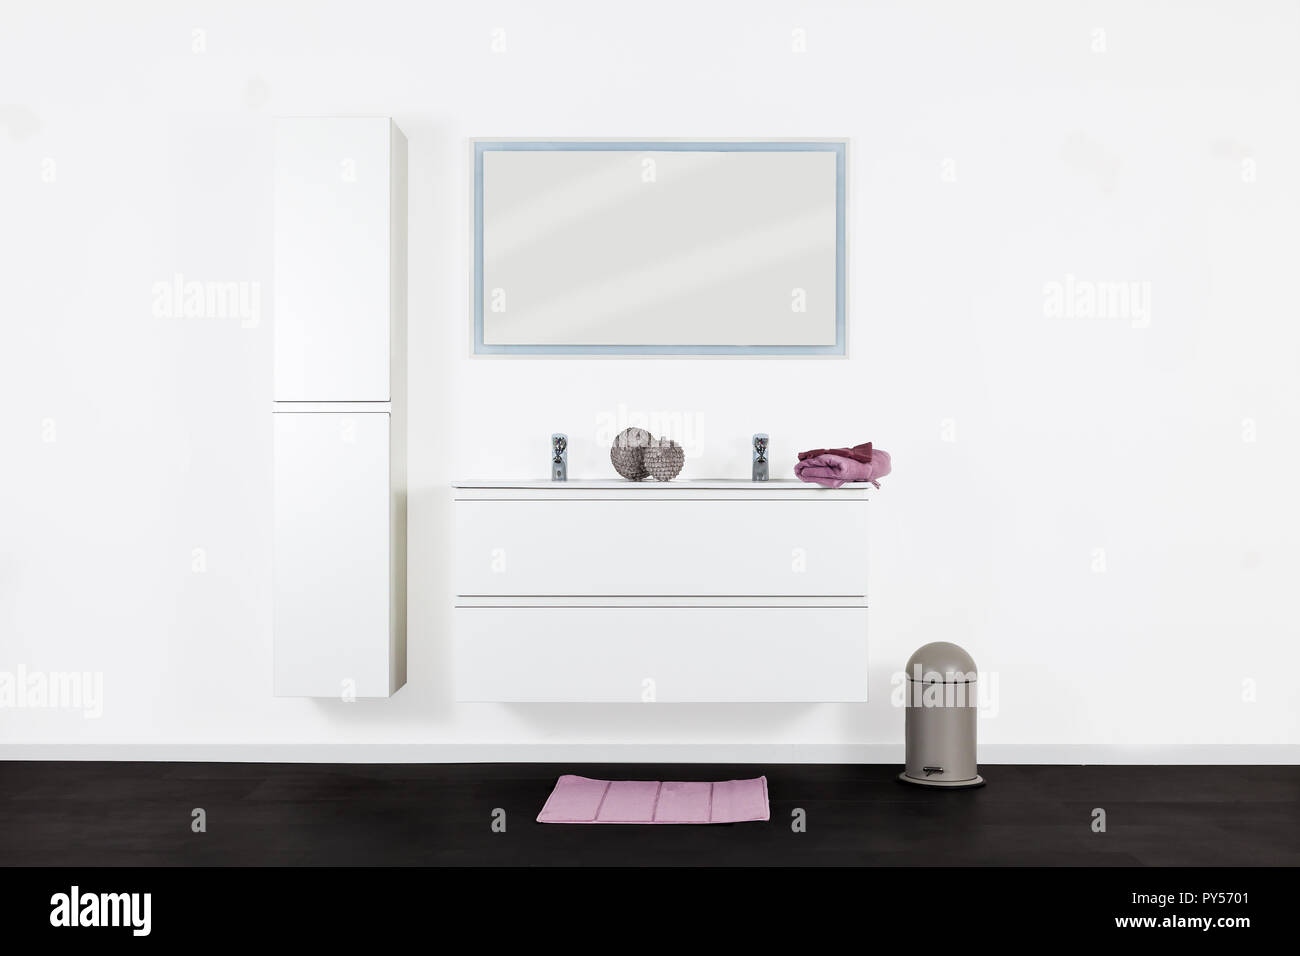 Studio riprese di un set completo per il bagno foto & immagine stock